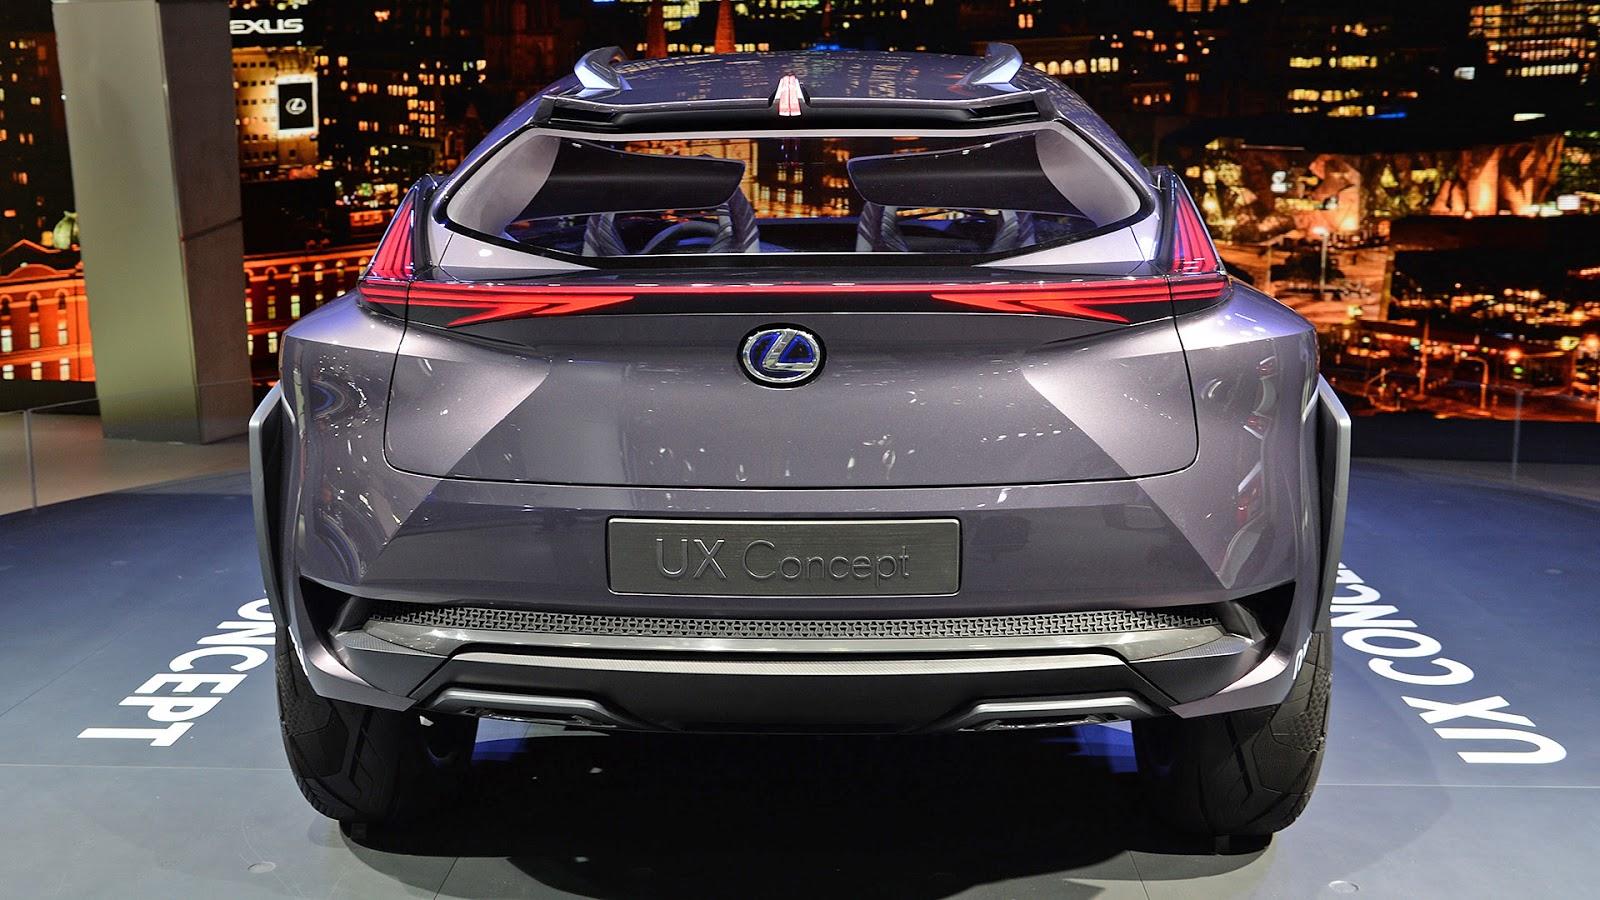 Automotiveblogz: Lexus UX Concept: Paris 2016